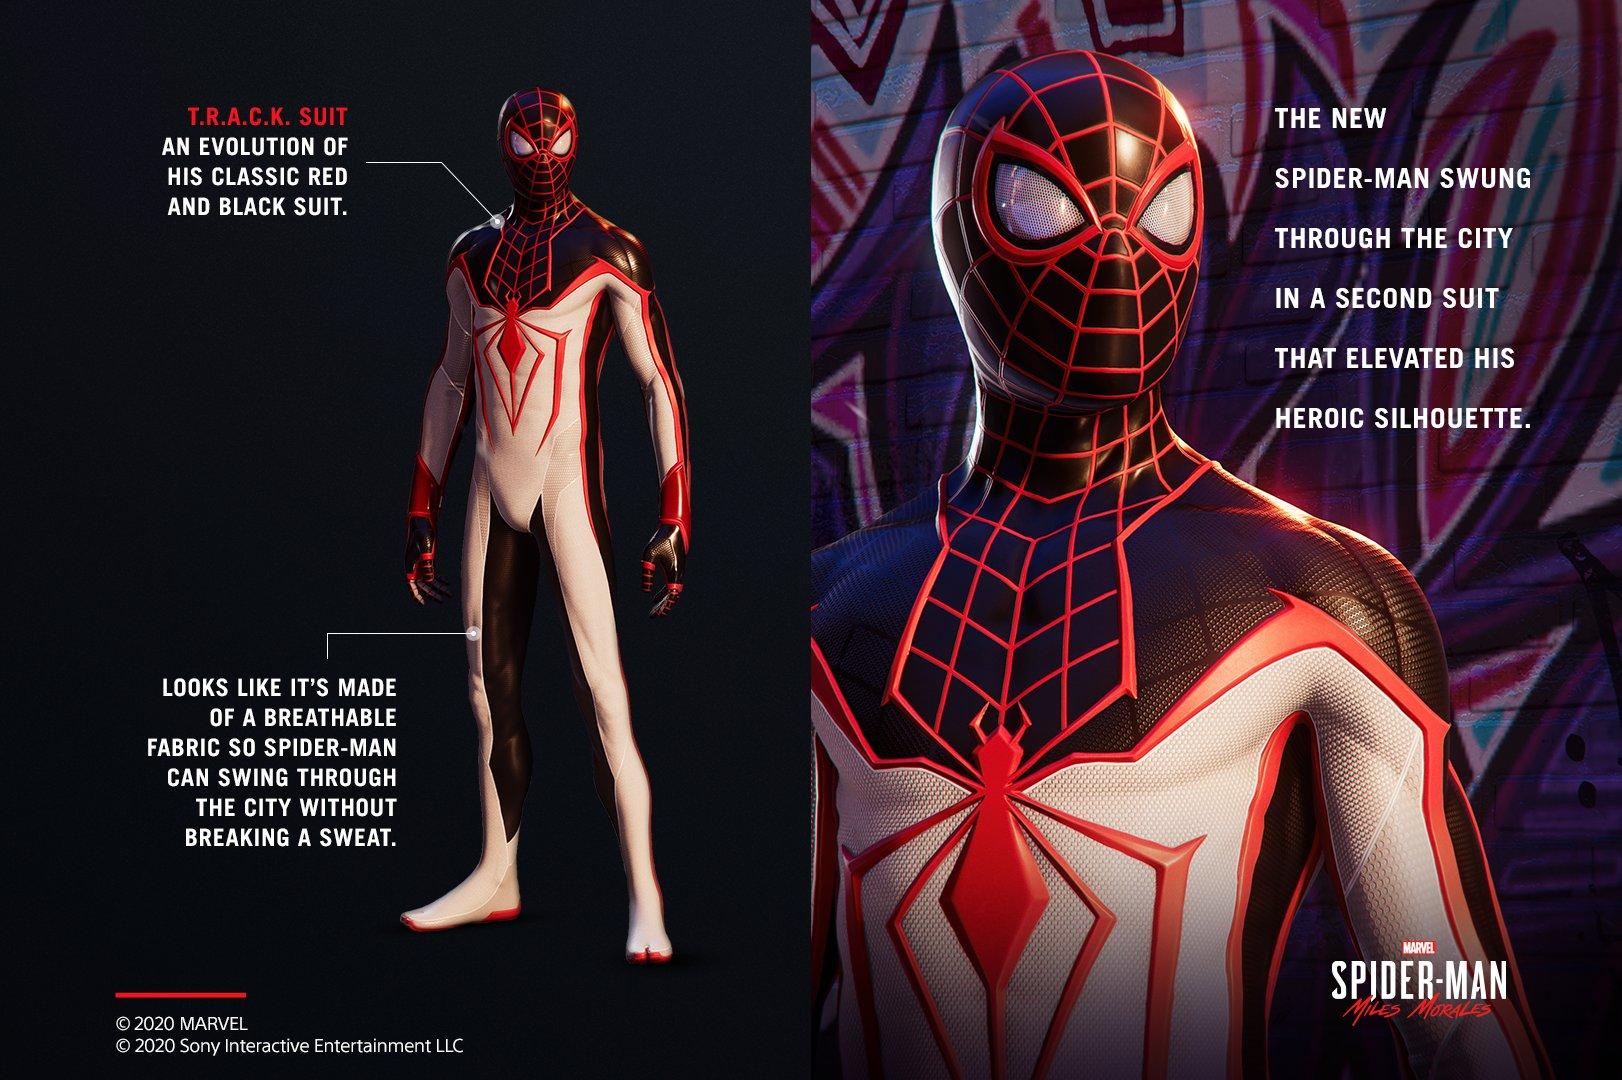 Nuevo traje de Spider-Man Miles Morales-spiderman-3-suit.jpg